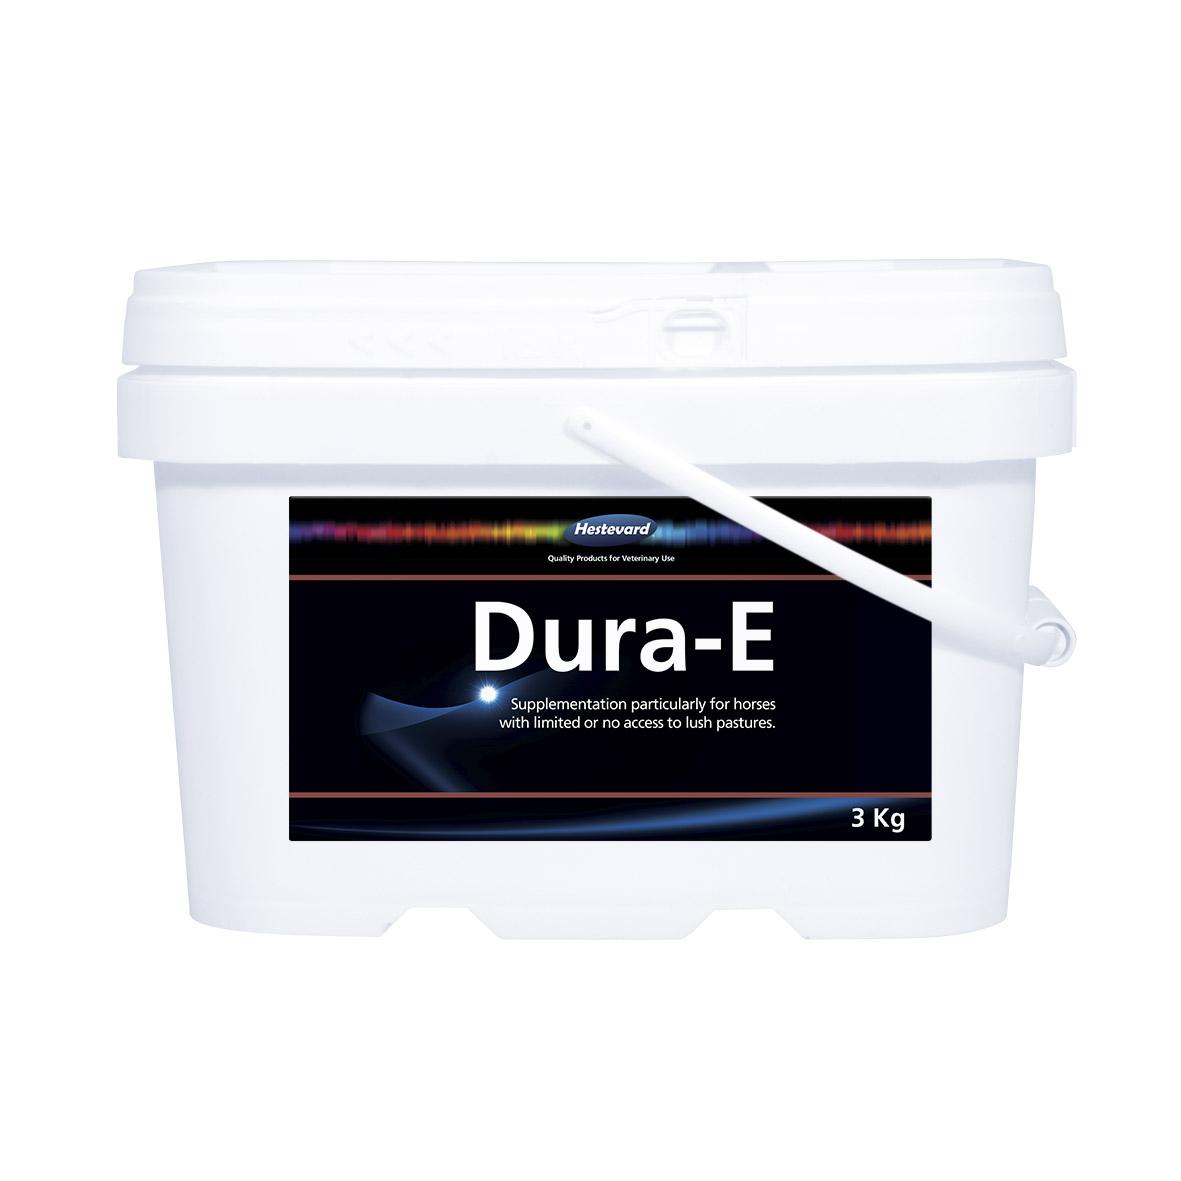 Dura-E